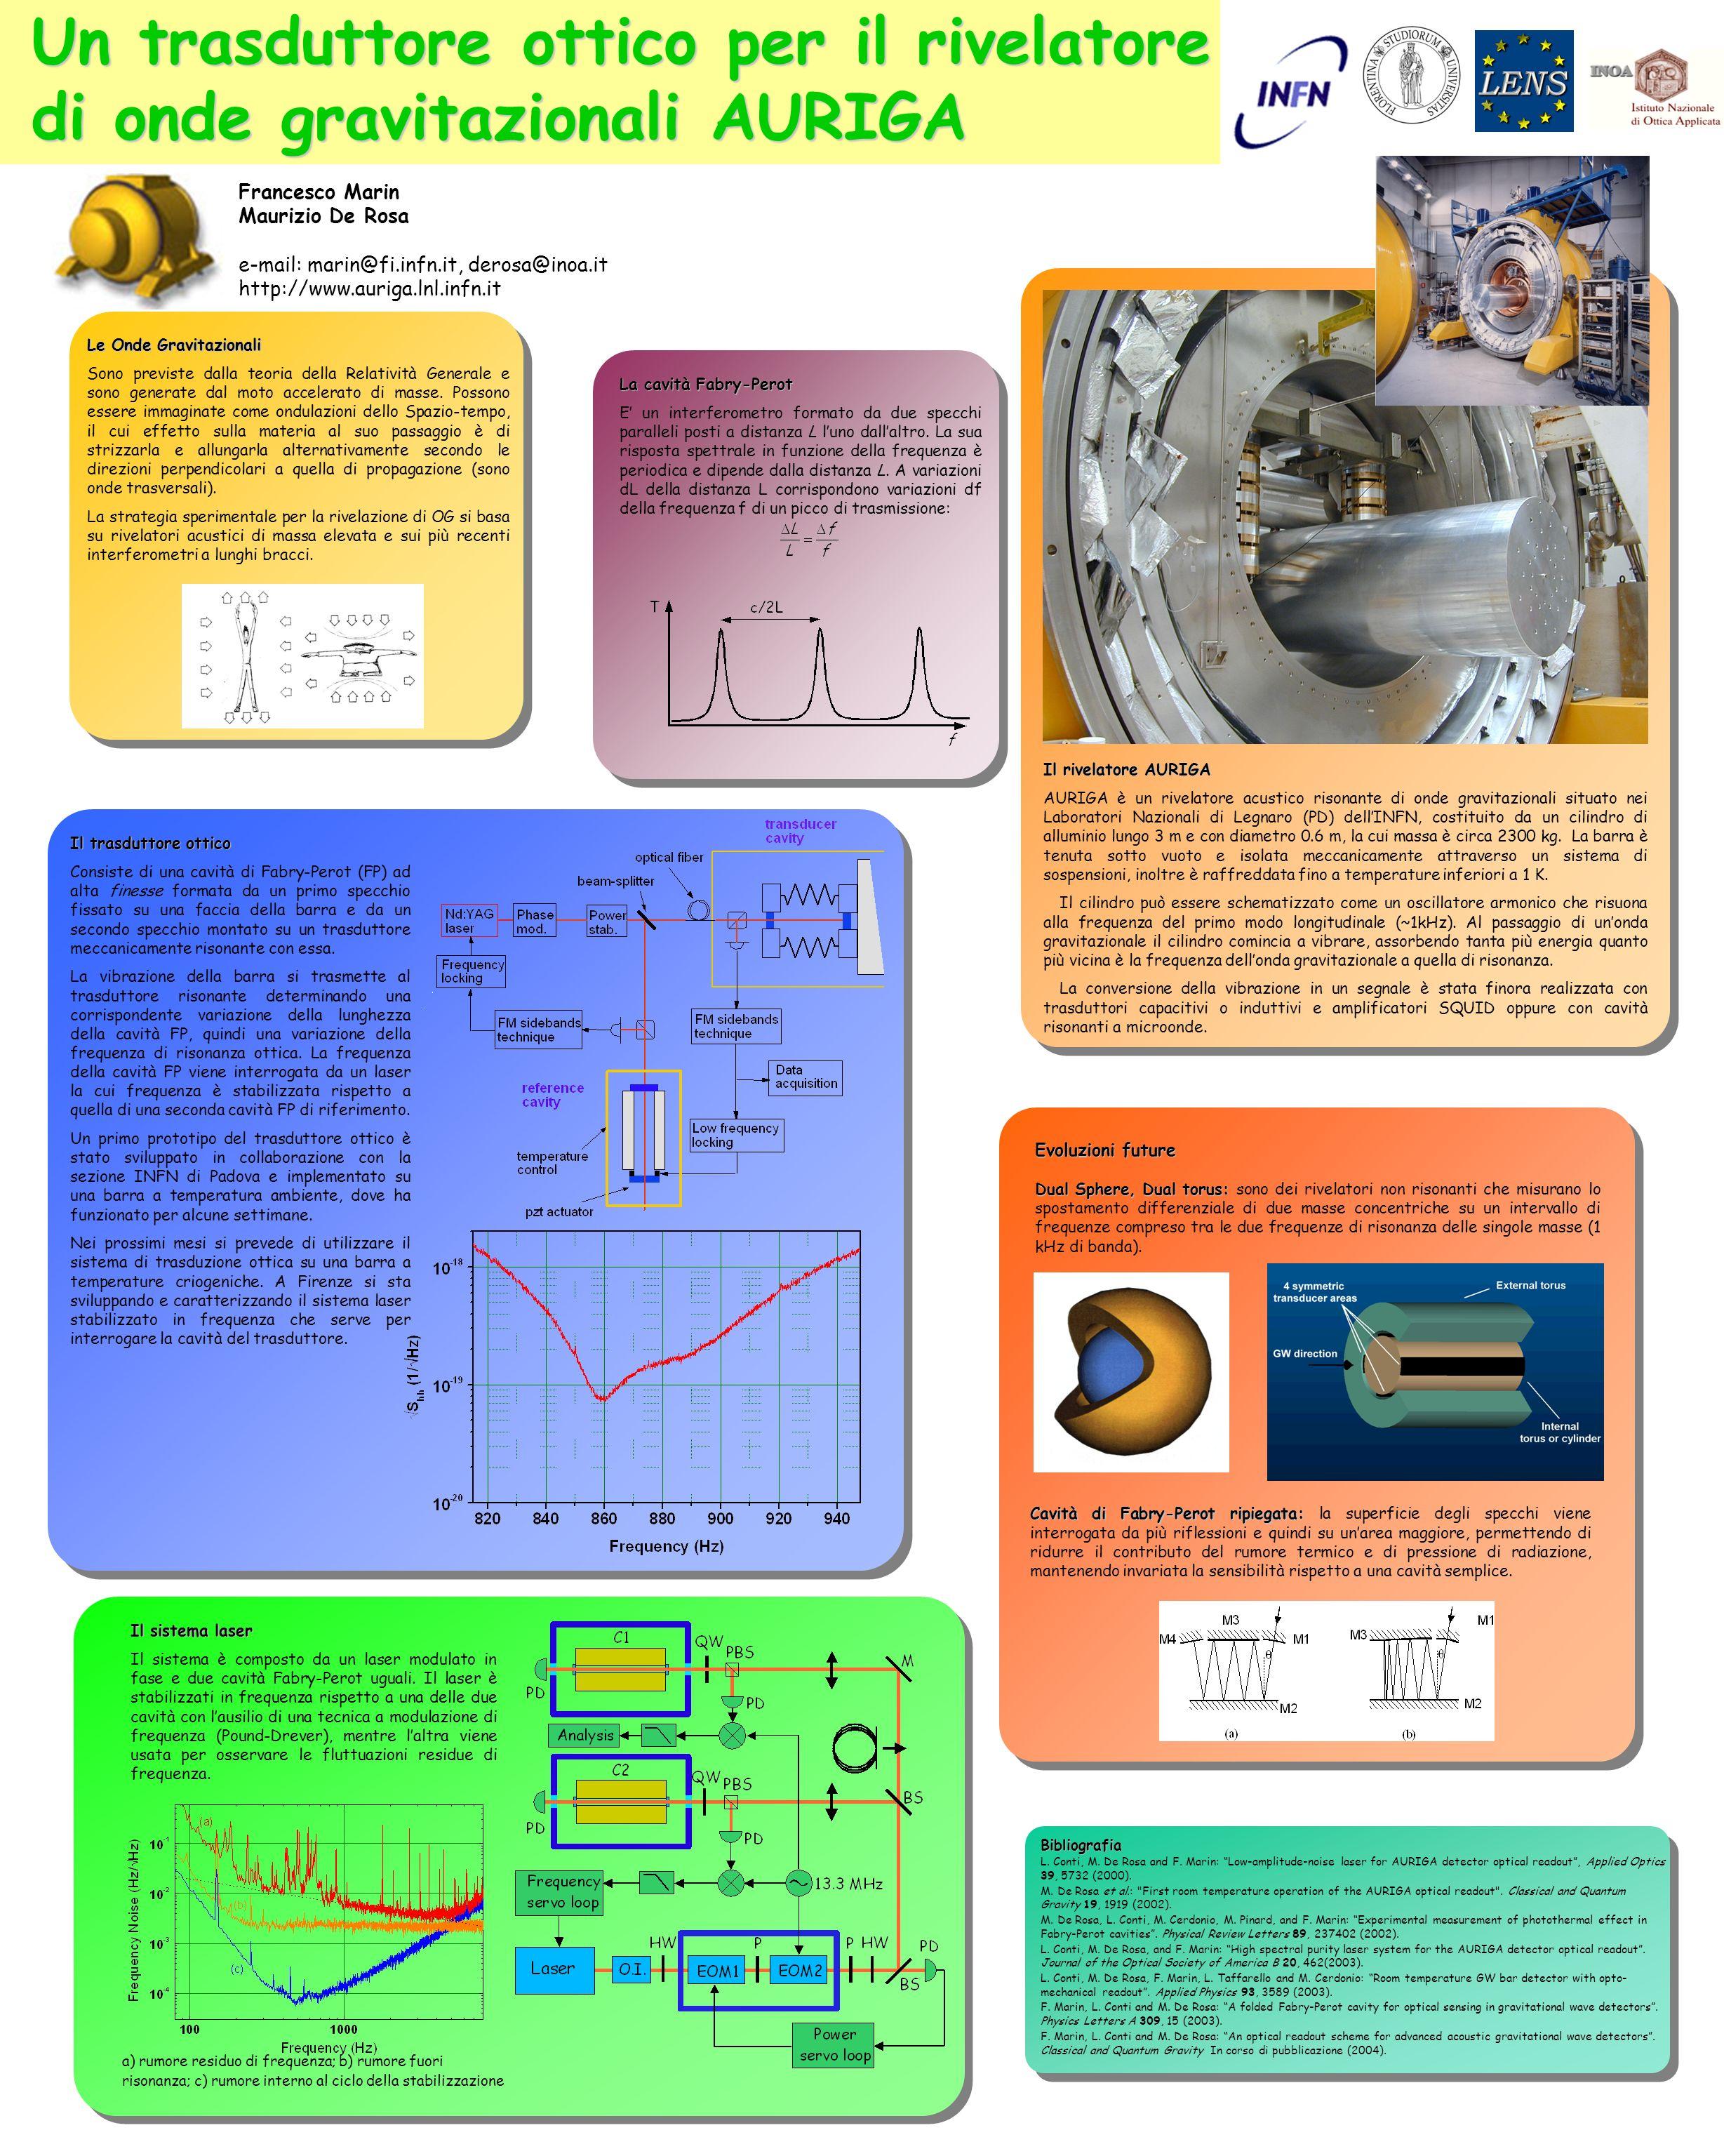 La cavità Fabry-Perot E un interferometro formato da due specchi paralleli posti a distanza L luno dallaltro. La sua risposta spettrale in funzione de